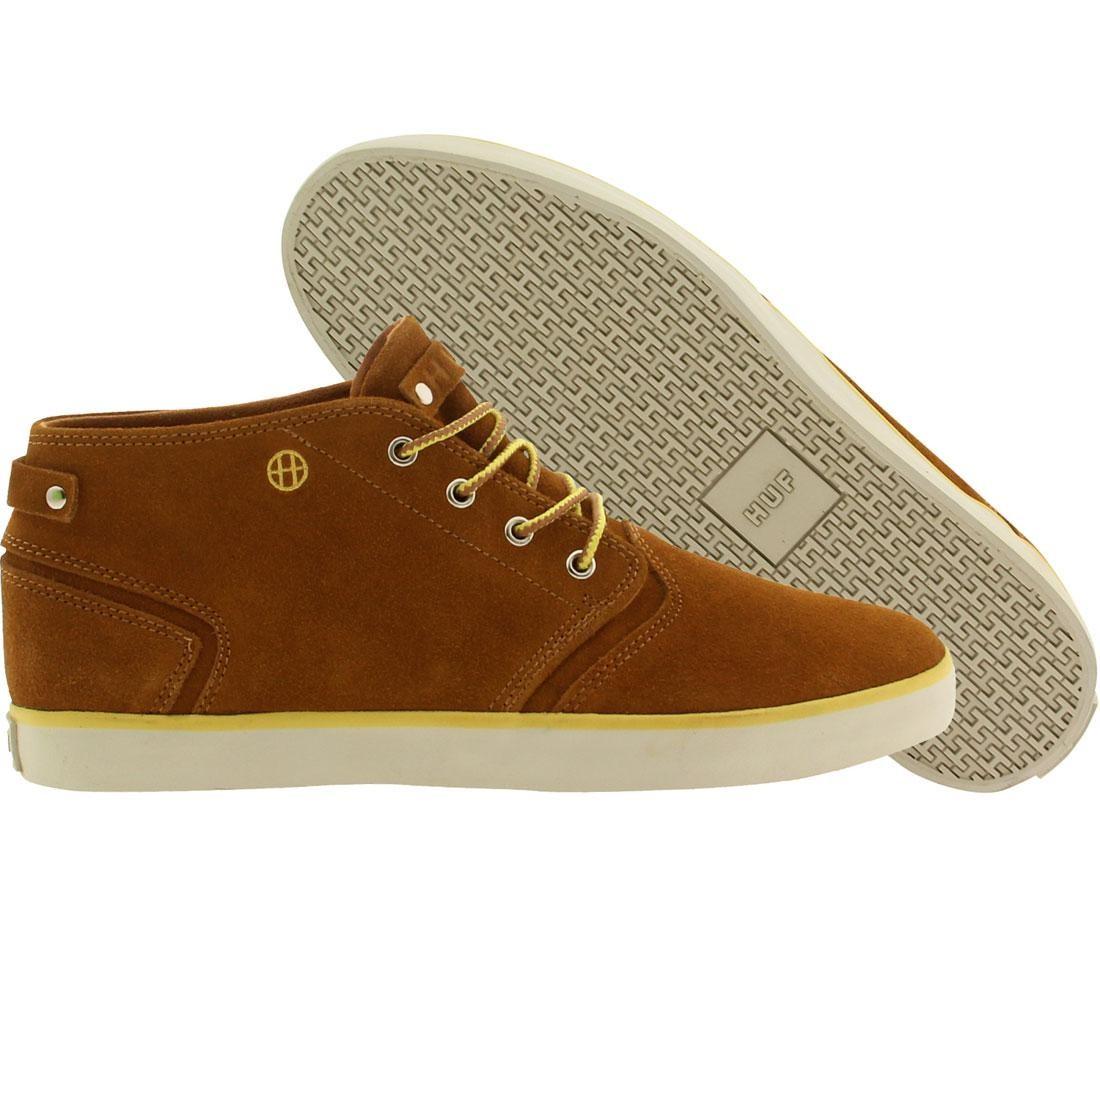 【海外限定】ハフ メンズ靴 靴 【 HUF MEN MERCER BROWN CHESTNUT 】